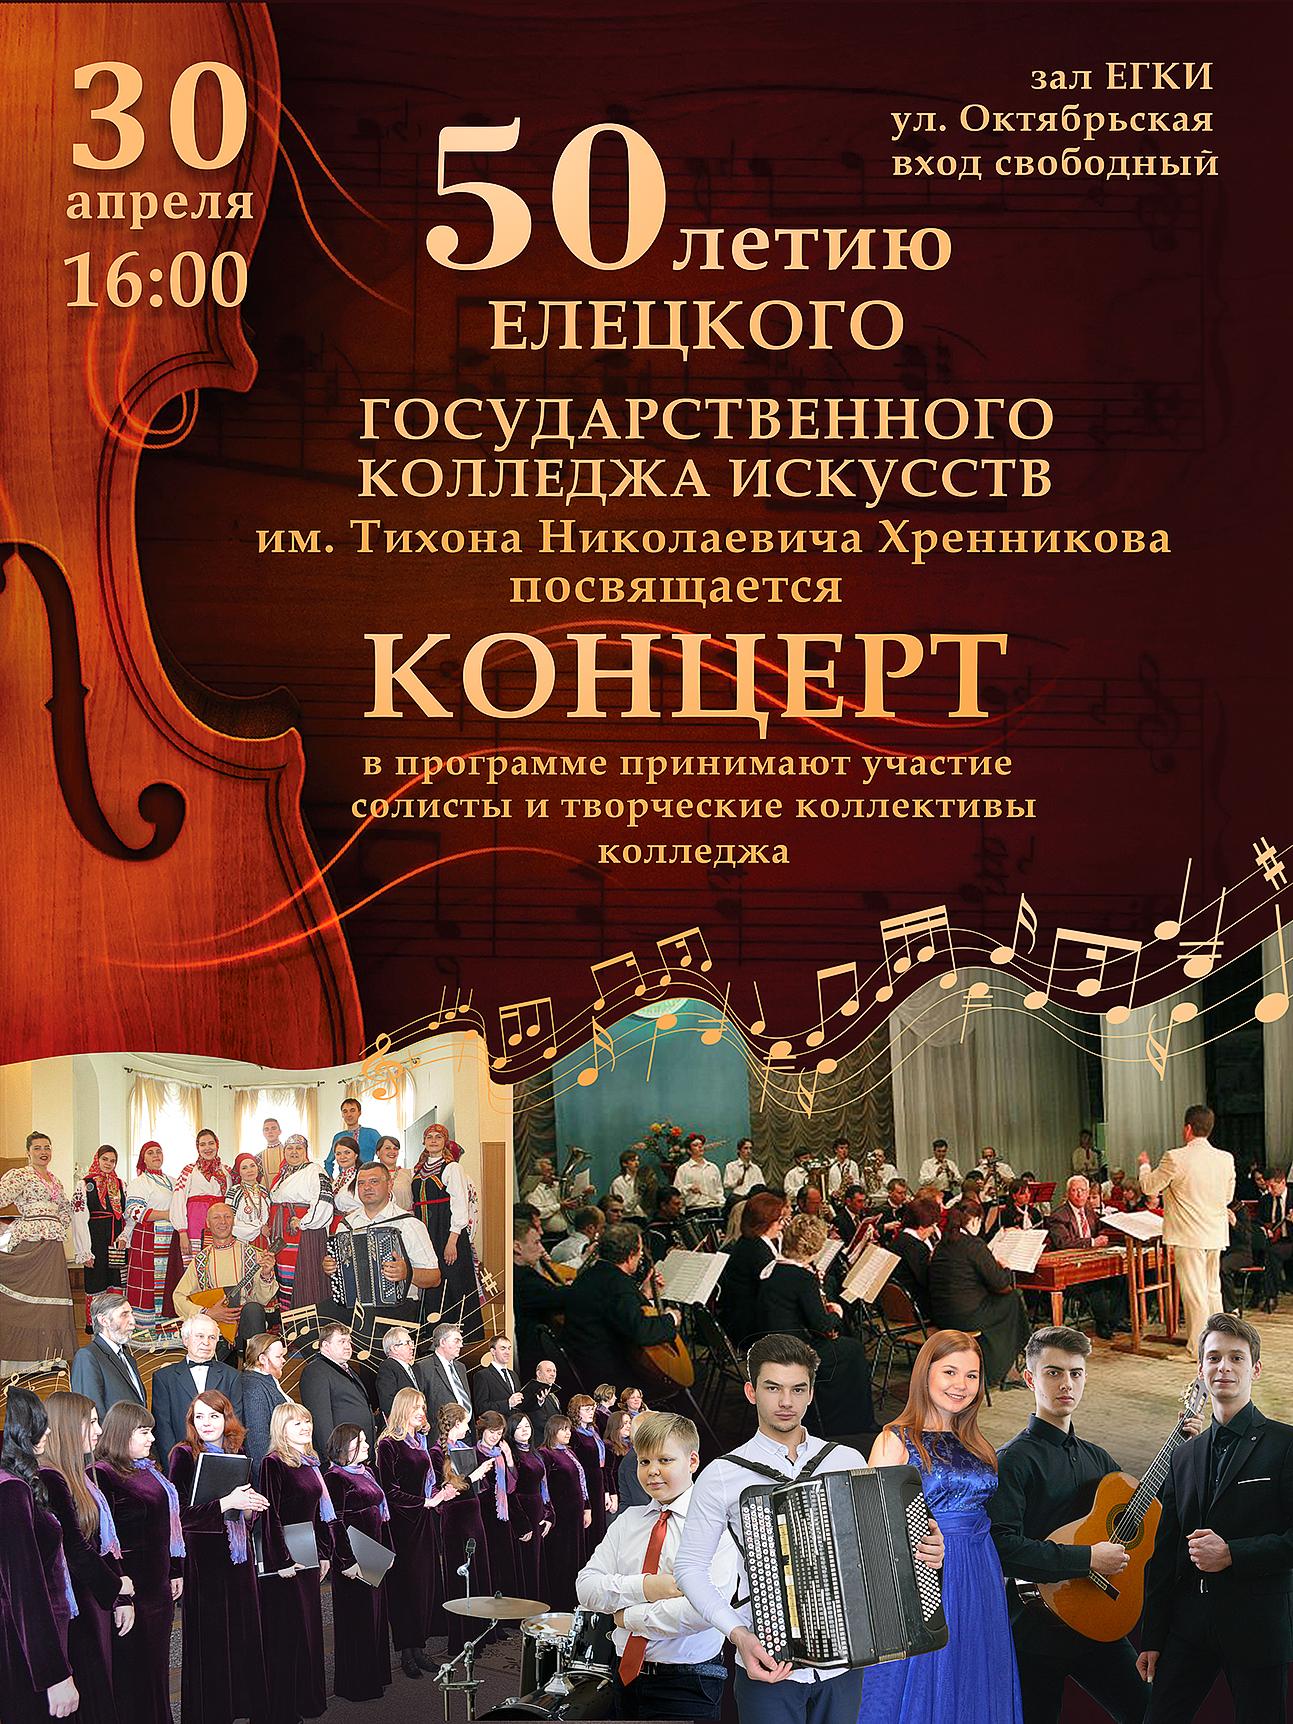 Концерт оркестра народных инструментов